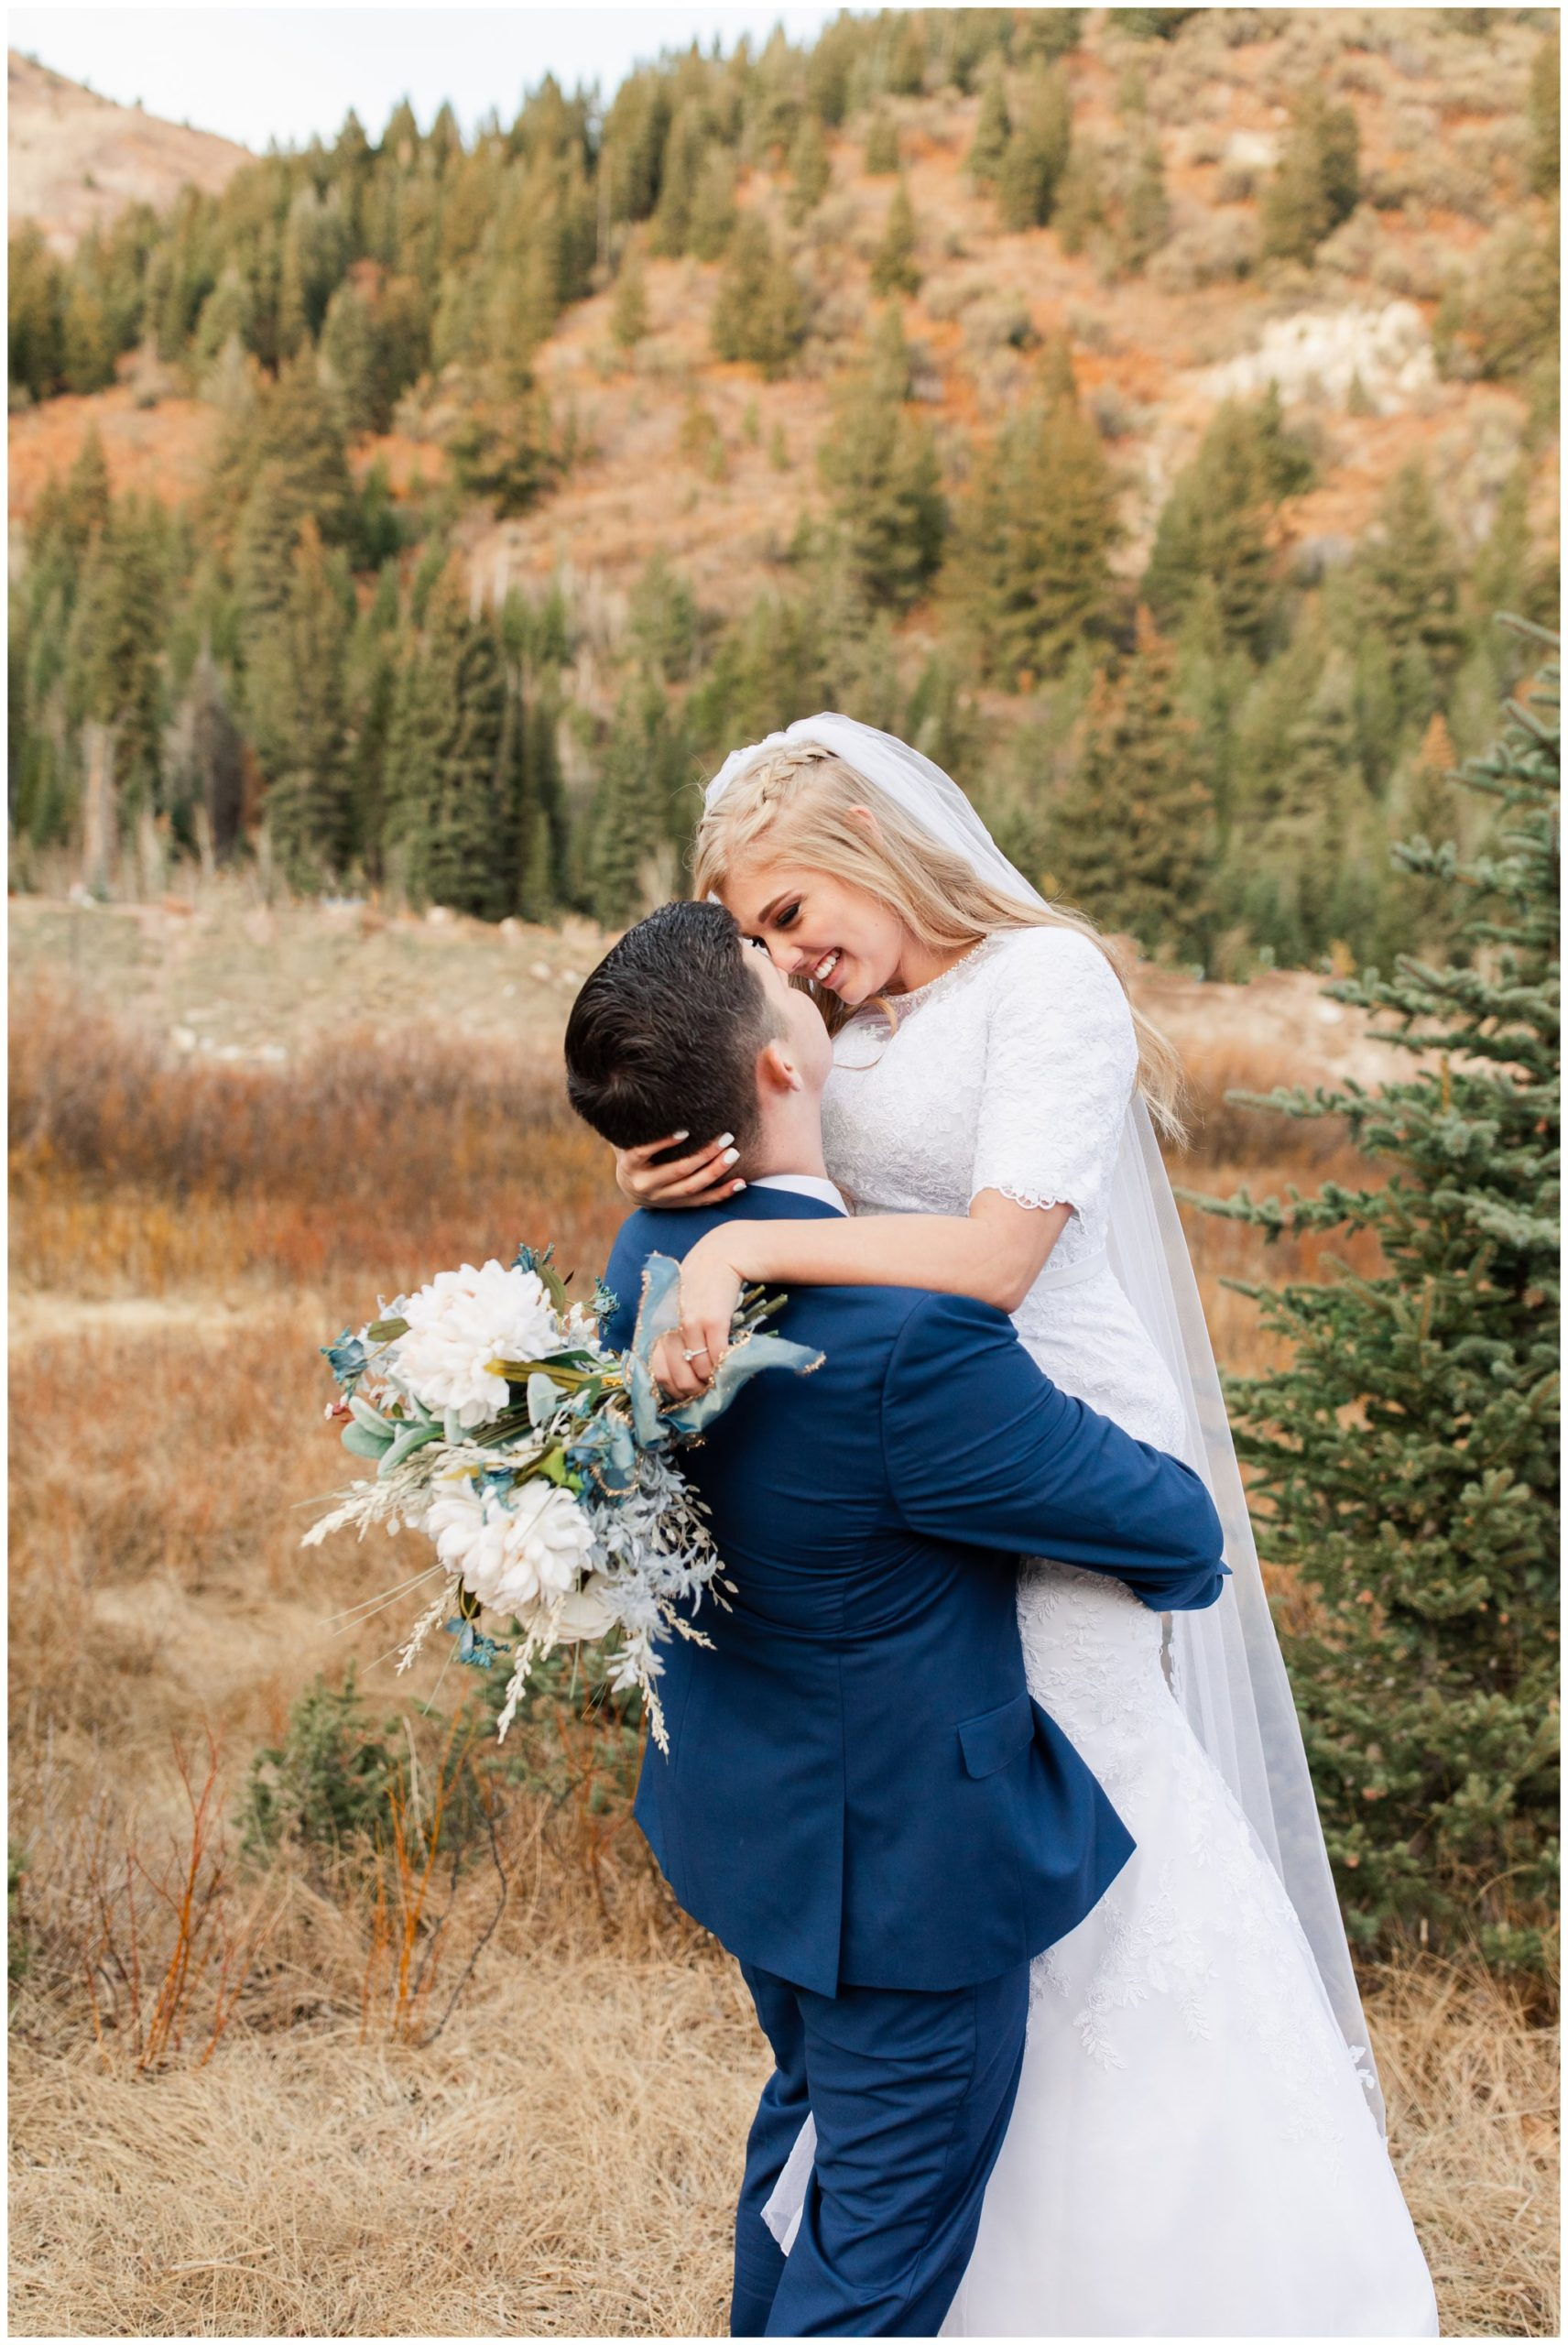 Picking up bride